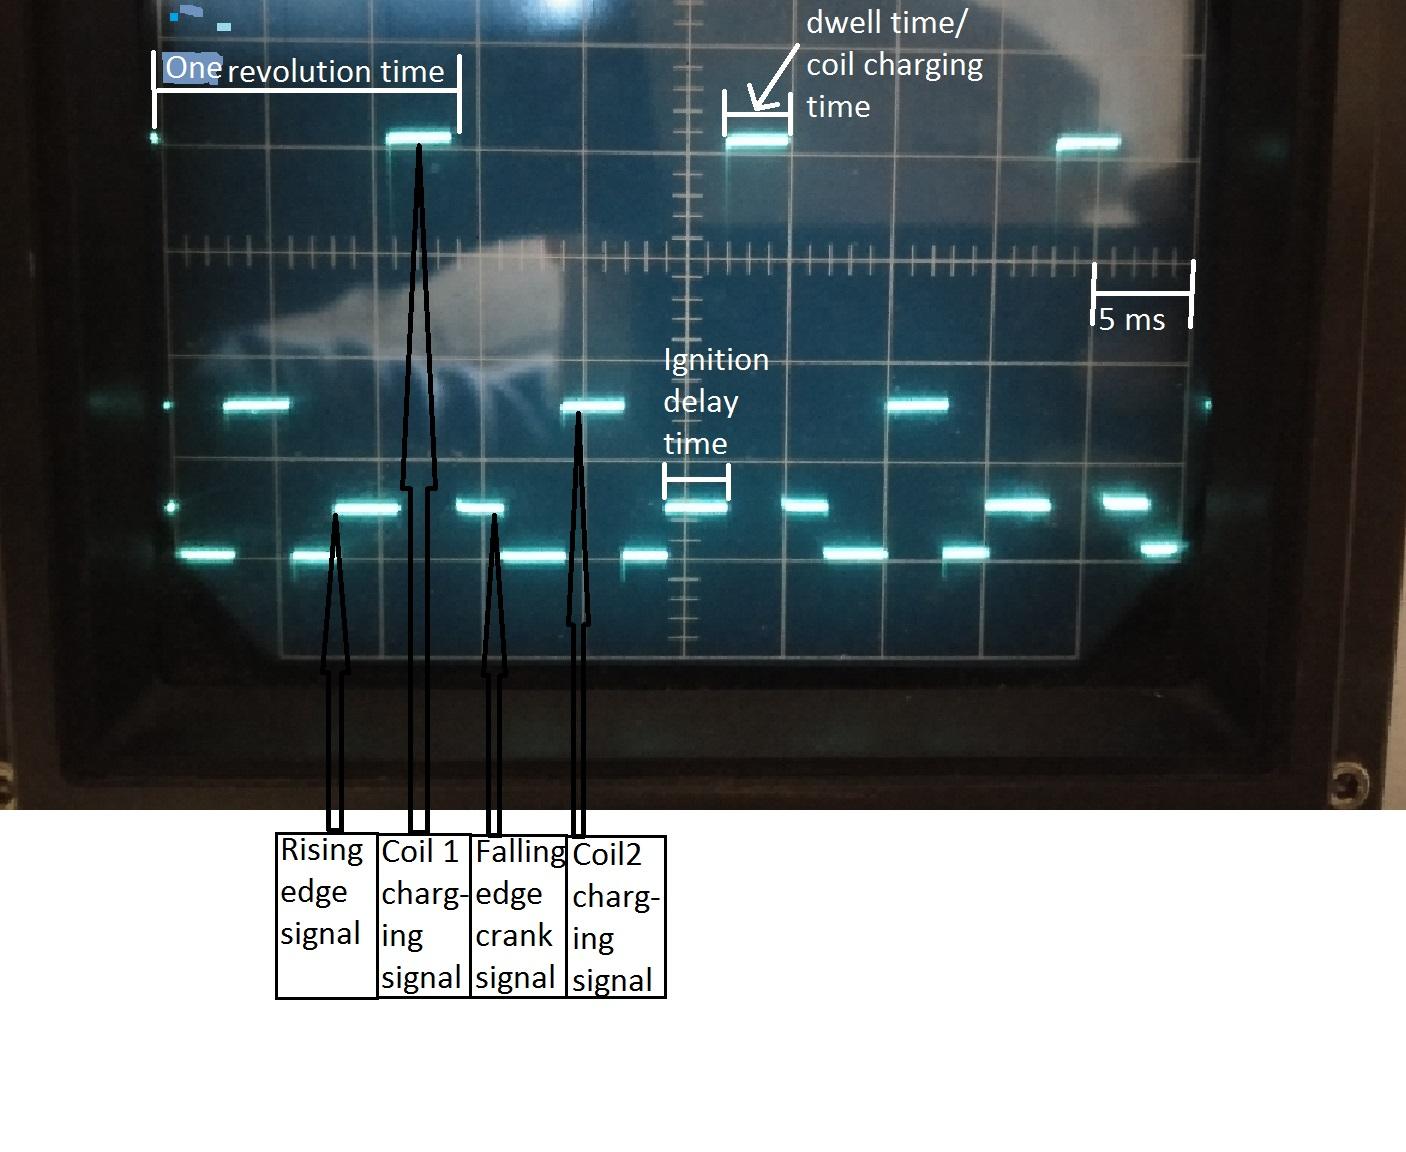 beskrivning-signaler-aeroduino